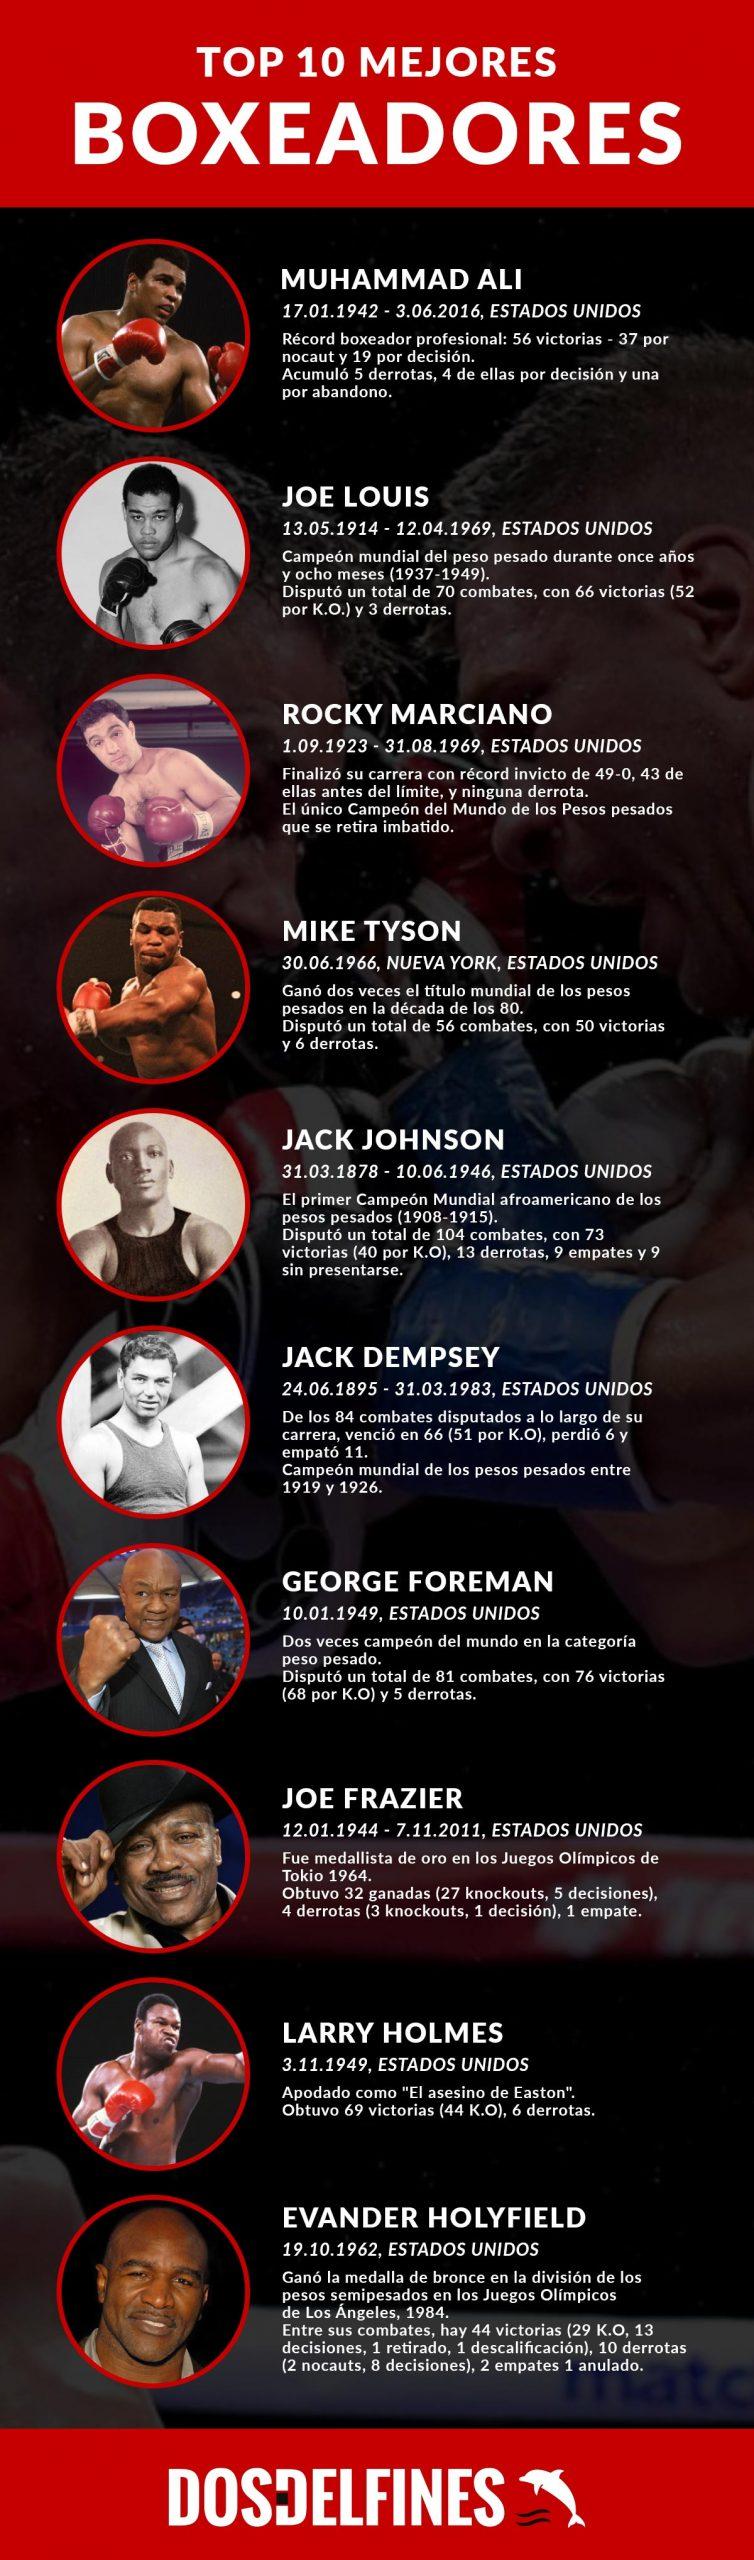 Mejores boxeadores - dosdelfines.es